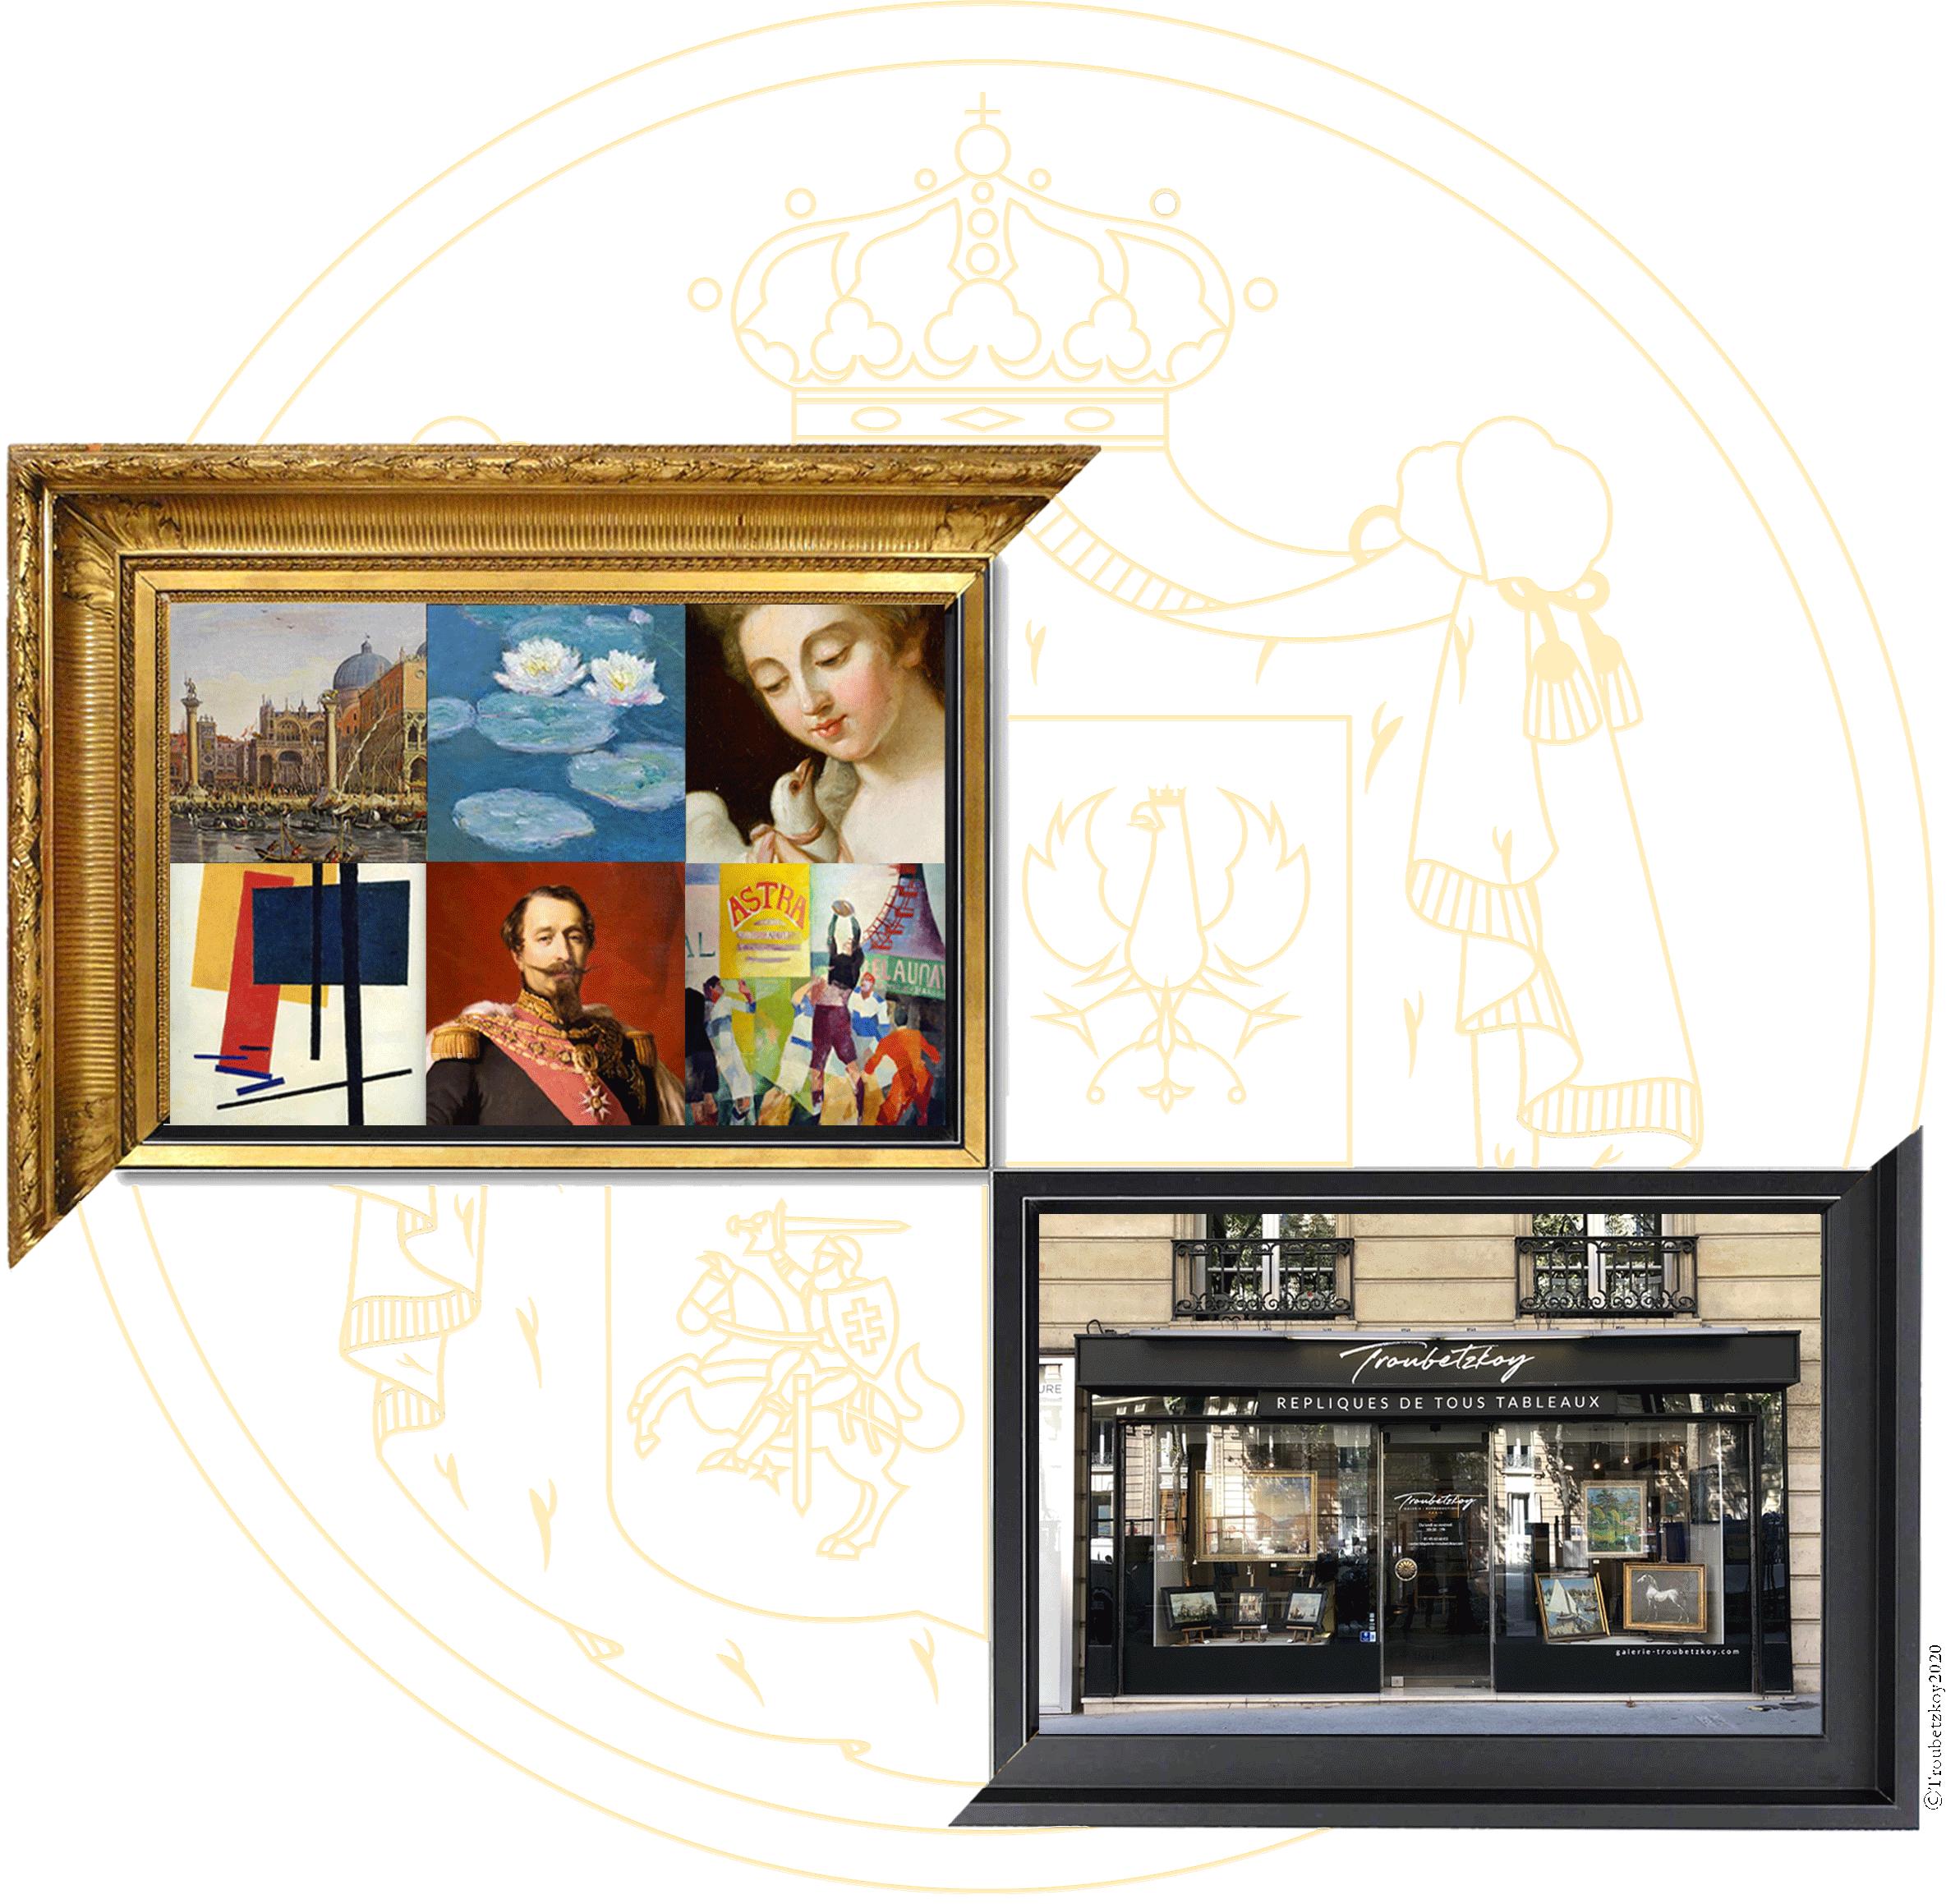 Prix D Un Tableau D Artiste galerie troubetzkoy | répliques de tous tableaux